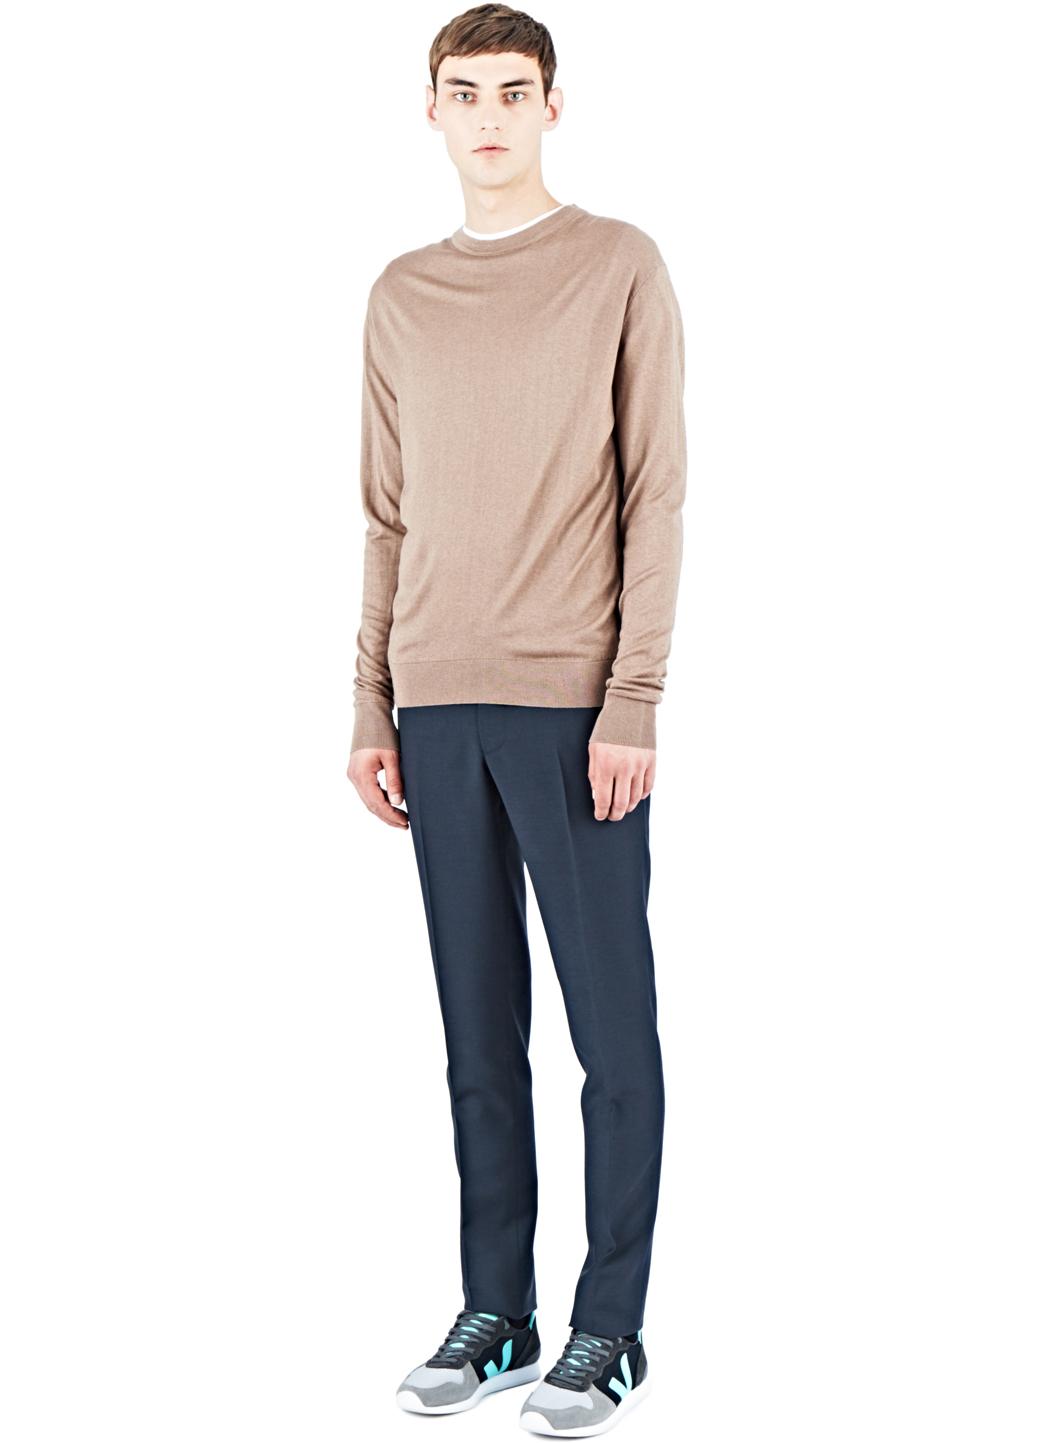 0440c3b2837f9 Silk T Shirt Amazon